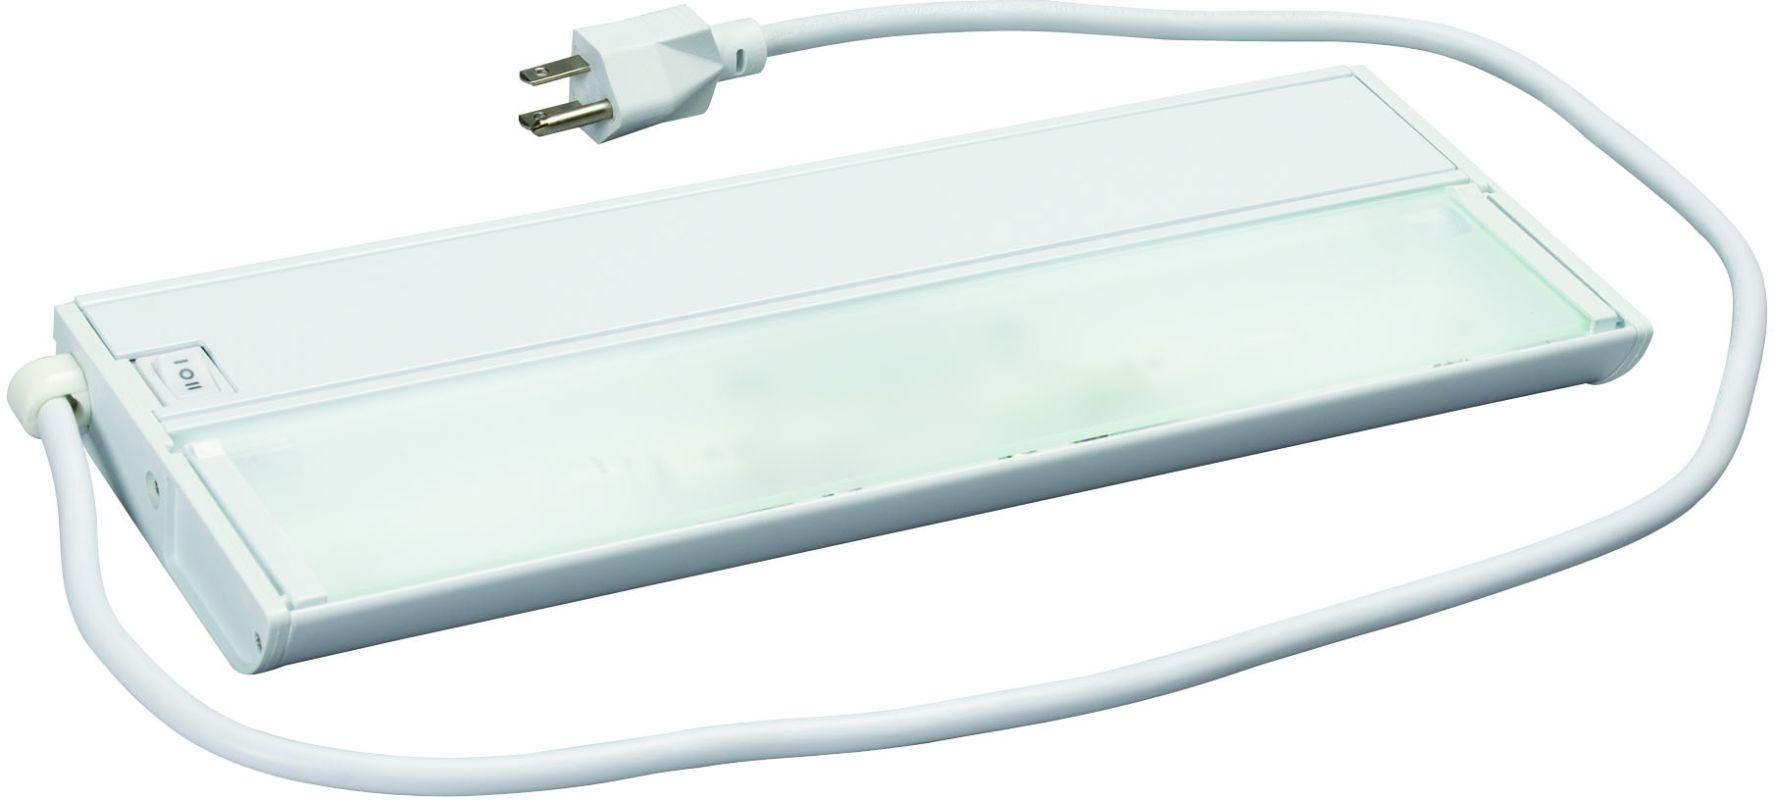 Kichler 10561 TaskWork Modular 2 Light 13&quote Under Cabinet Light with